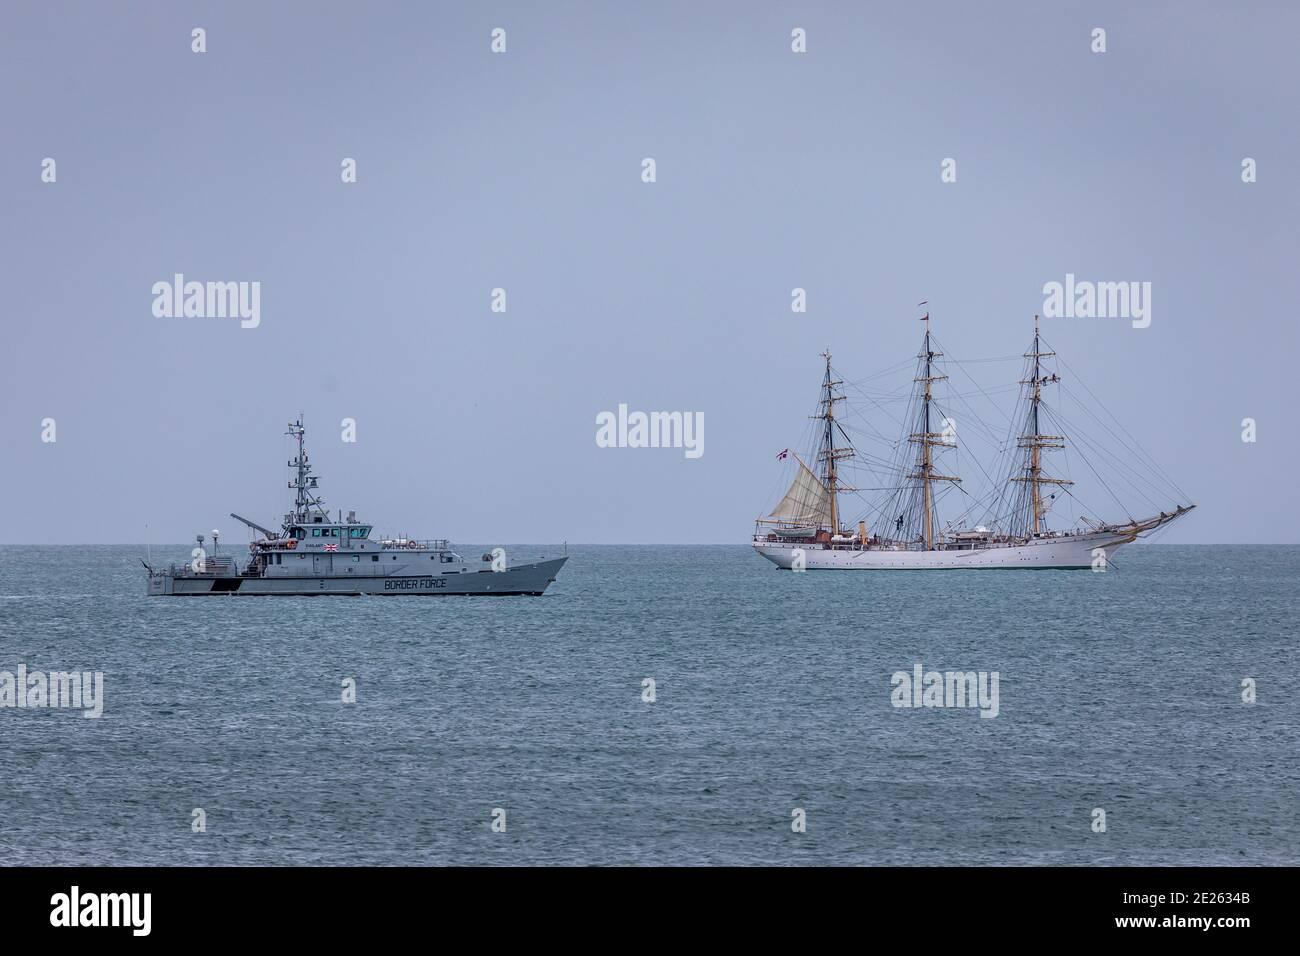 'HMC Vigilant' pasa por el 'Dangmark' de la embarcación alta dentro de la bahía de Tor, Paignton Foto de stock